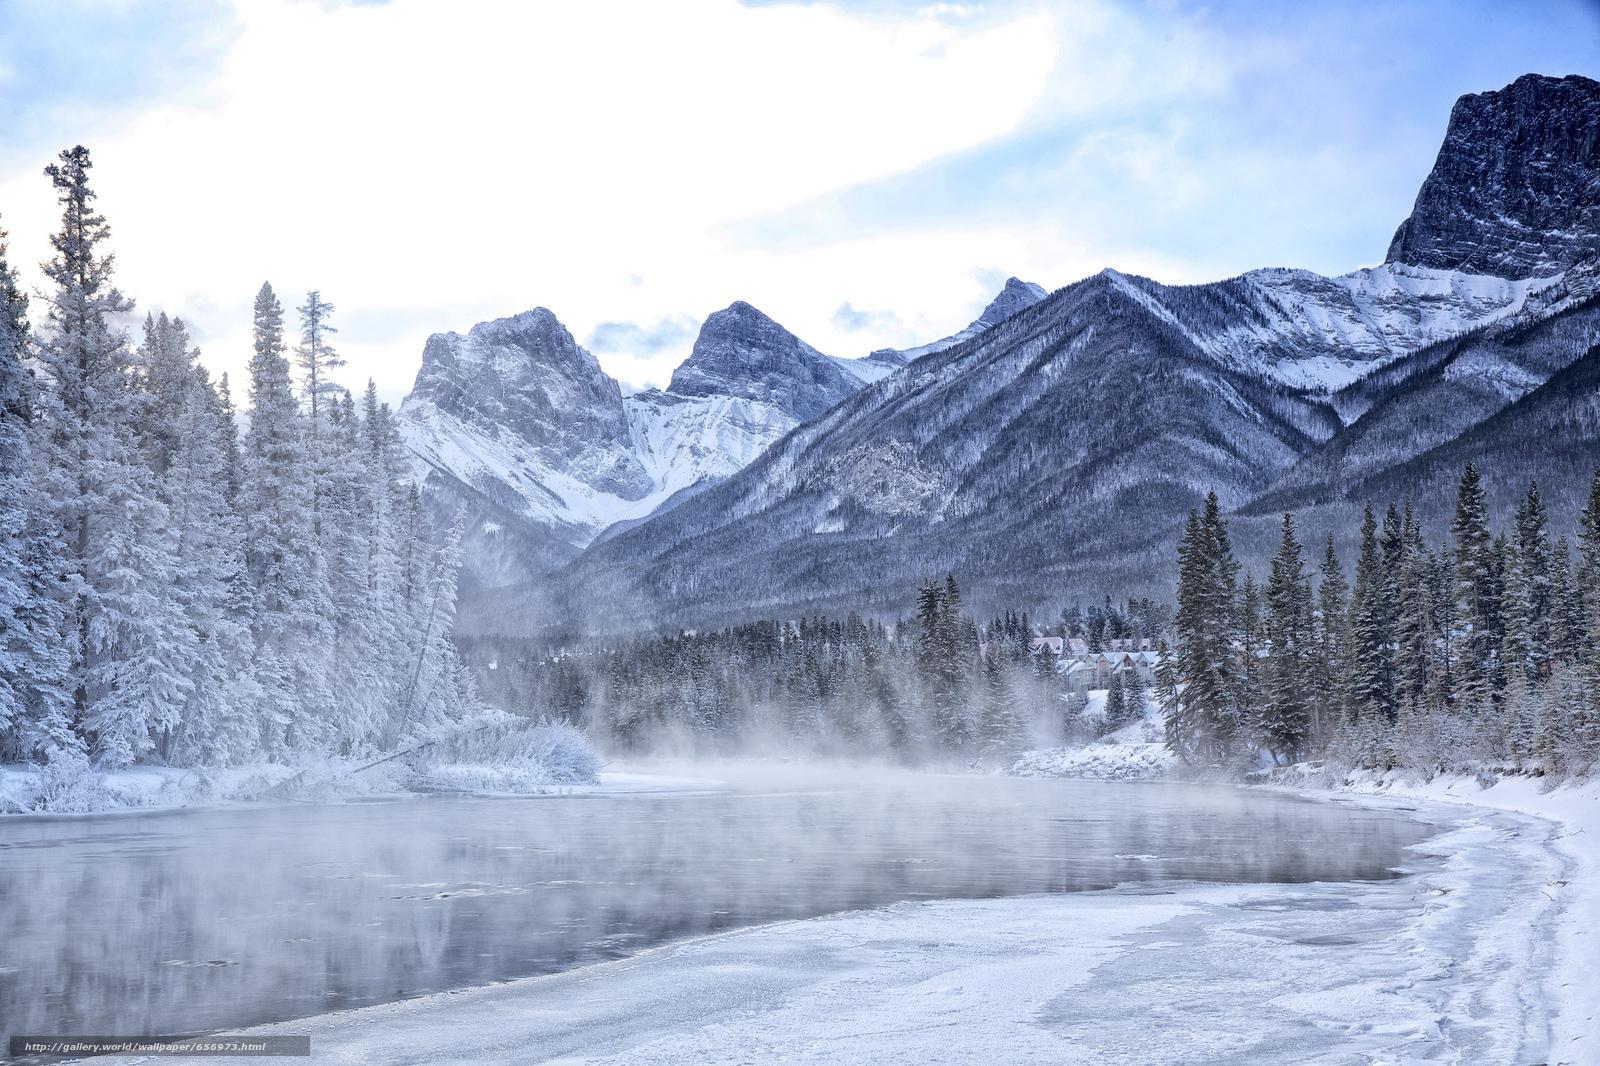 Tlcharger Fond d'ecran hiver,  rivière,  Montagnes,  arbres Fonds d'ecran gratuits pour votre rsolution du bureau 2048x1365 — image №656973